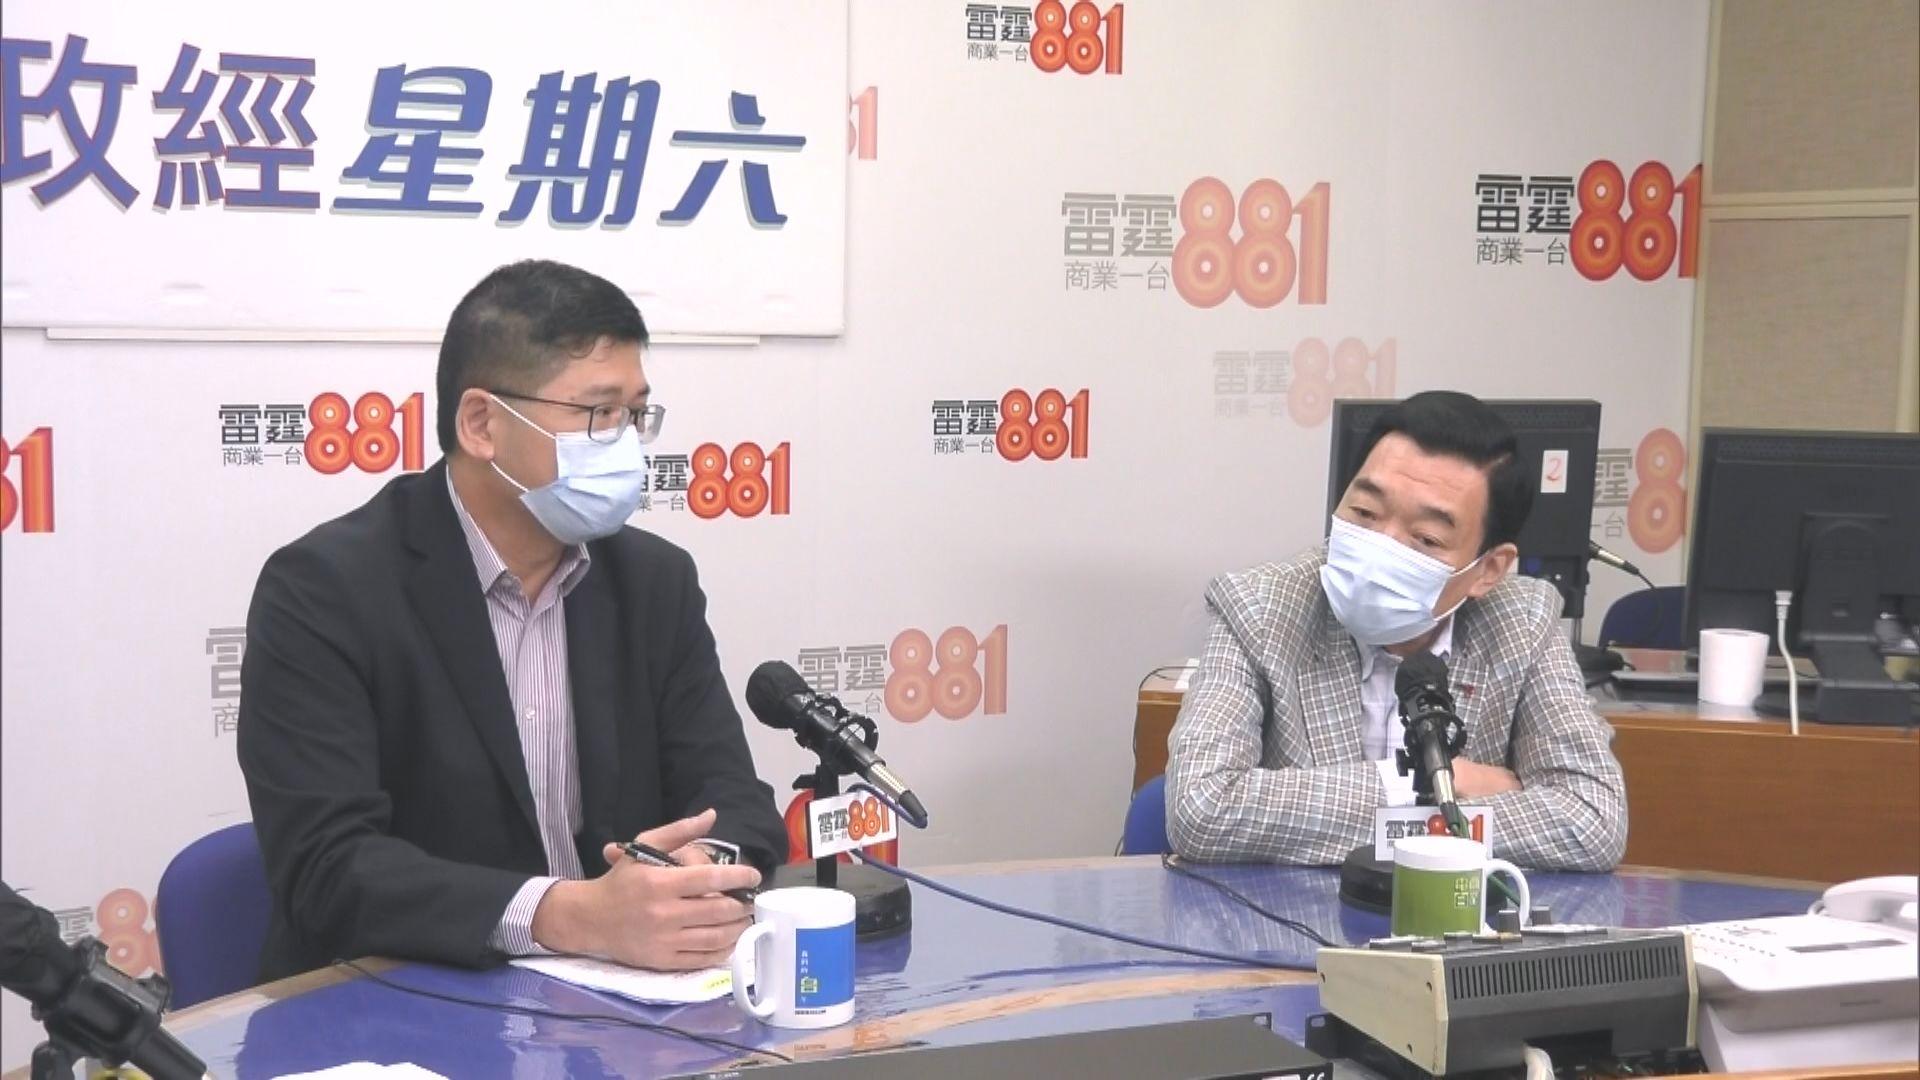 范鴻齡:政府為接種疫苗提供誘因只想社會回復正常 非「谷針」